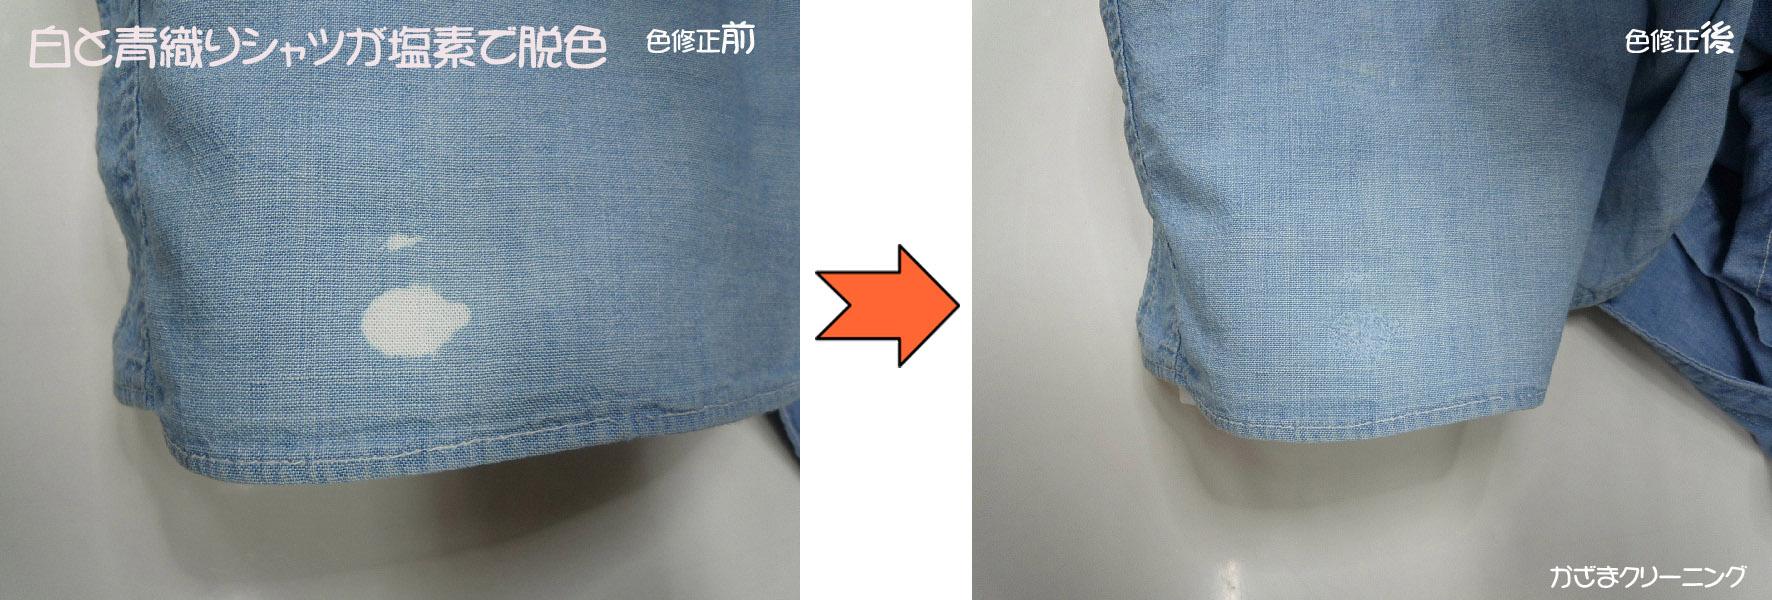 白糸と青糸織りシャツが塩素系漂白剤で脱色